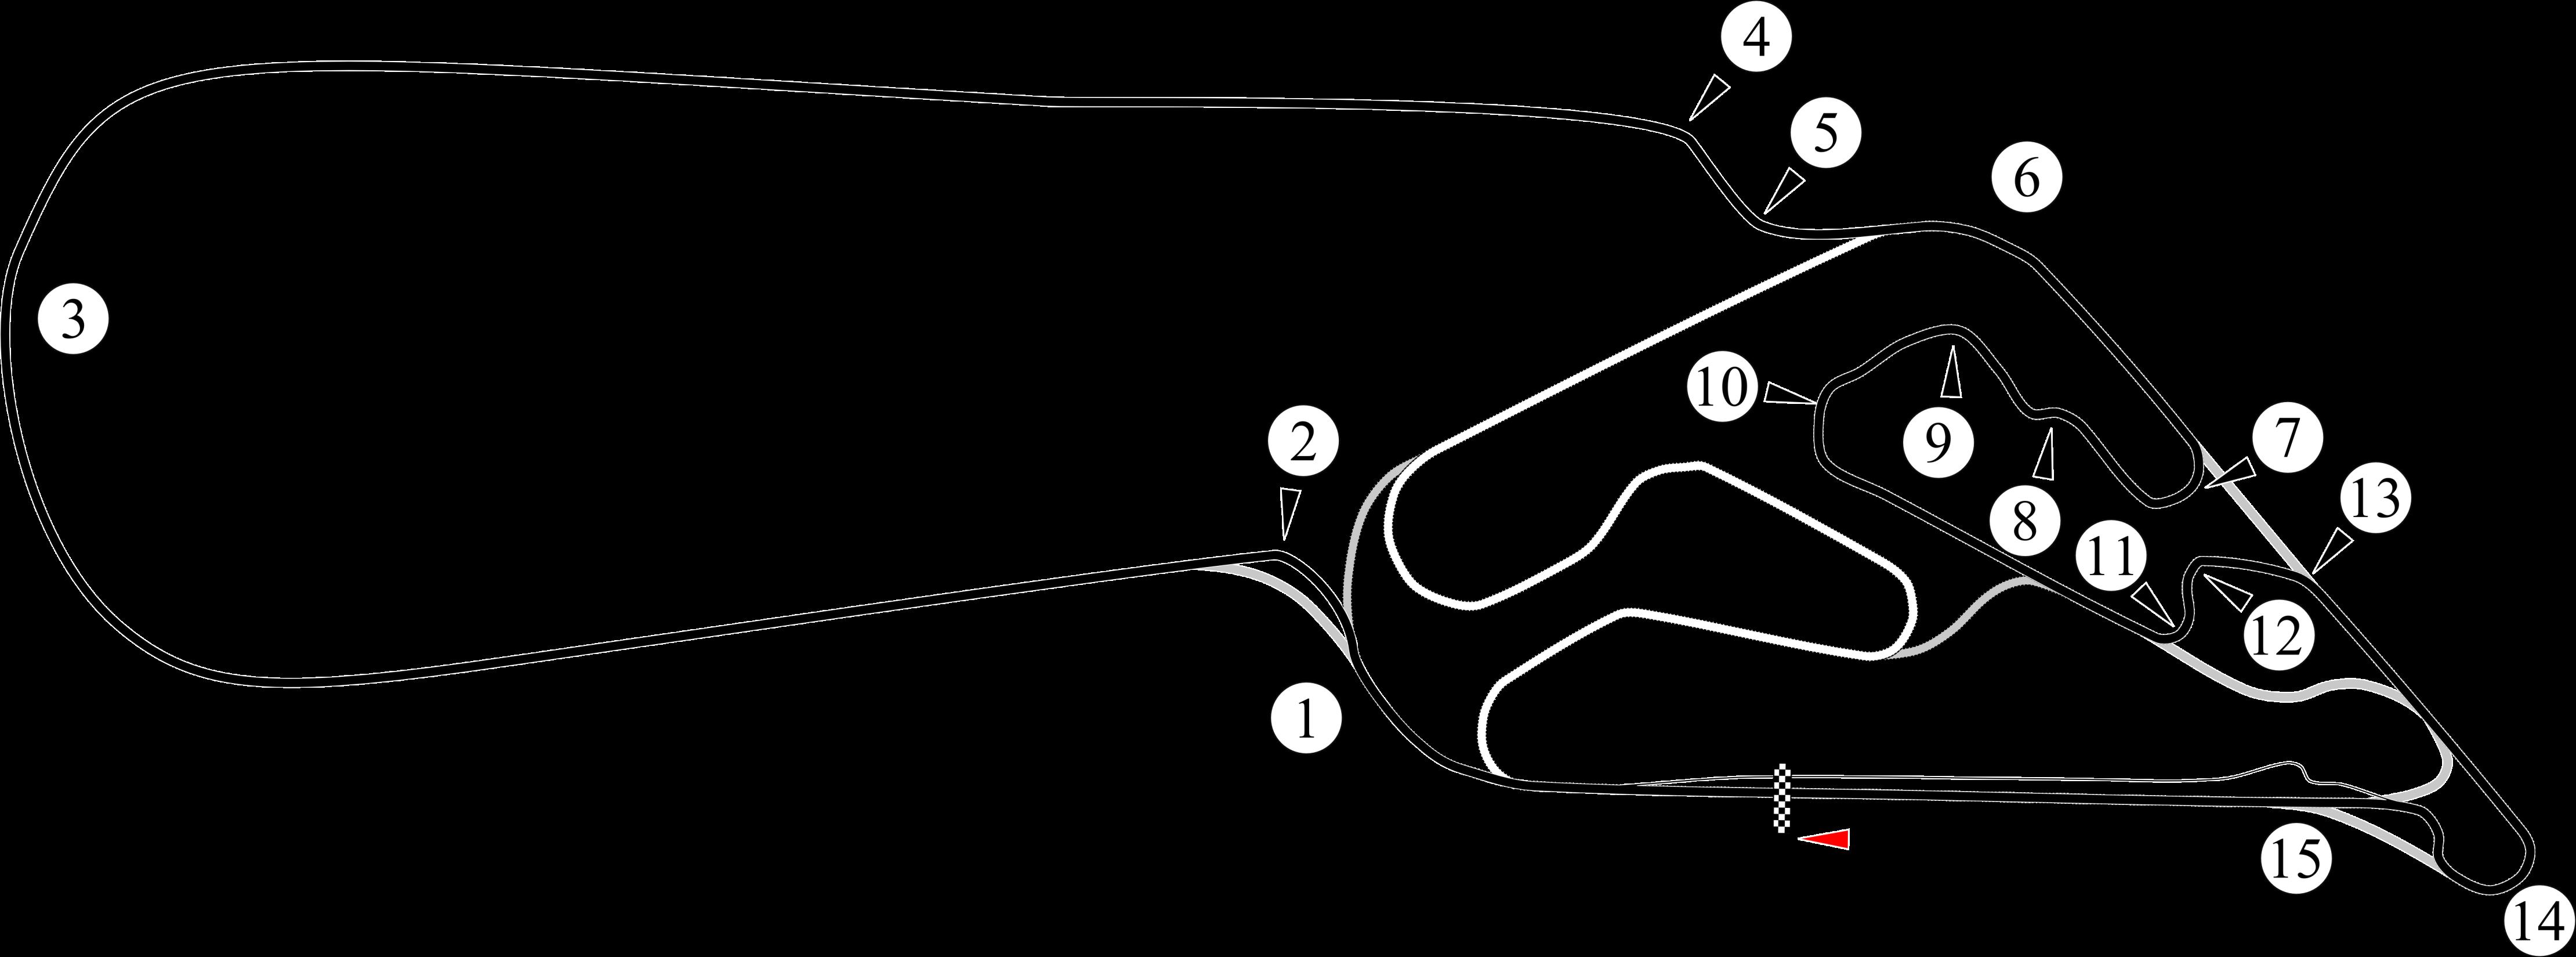 Circuito Galvez : File autódromo oscar alfredo gálvez zoomed out